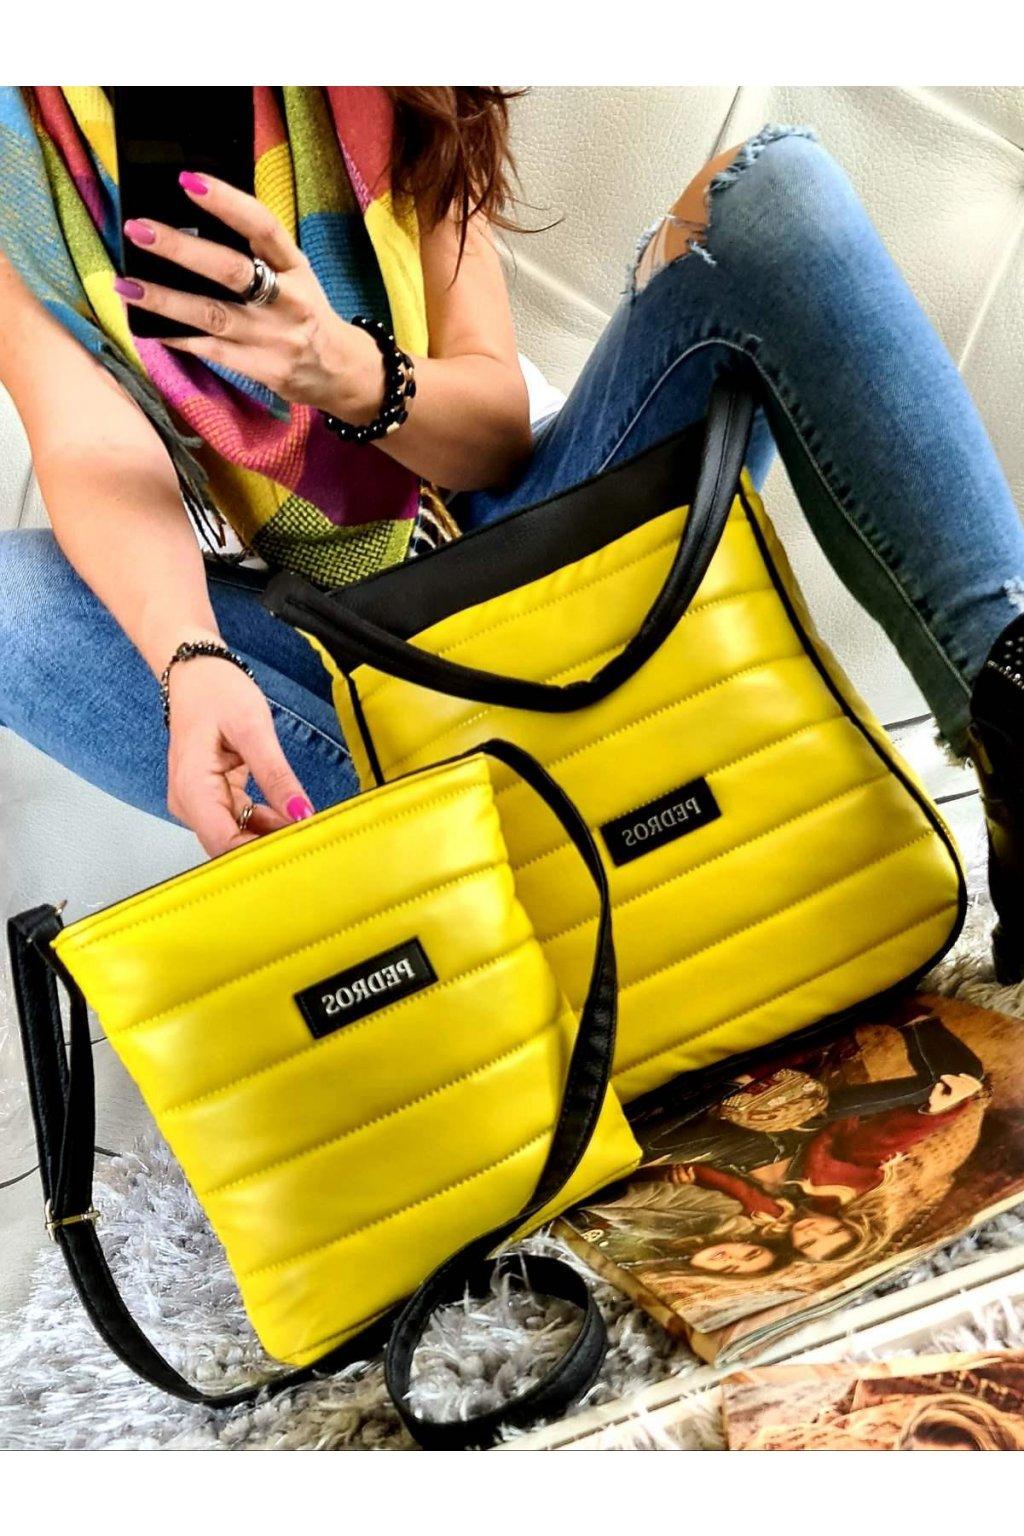 komplet kabelek pedros v žluté barvě dárkový set